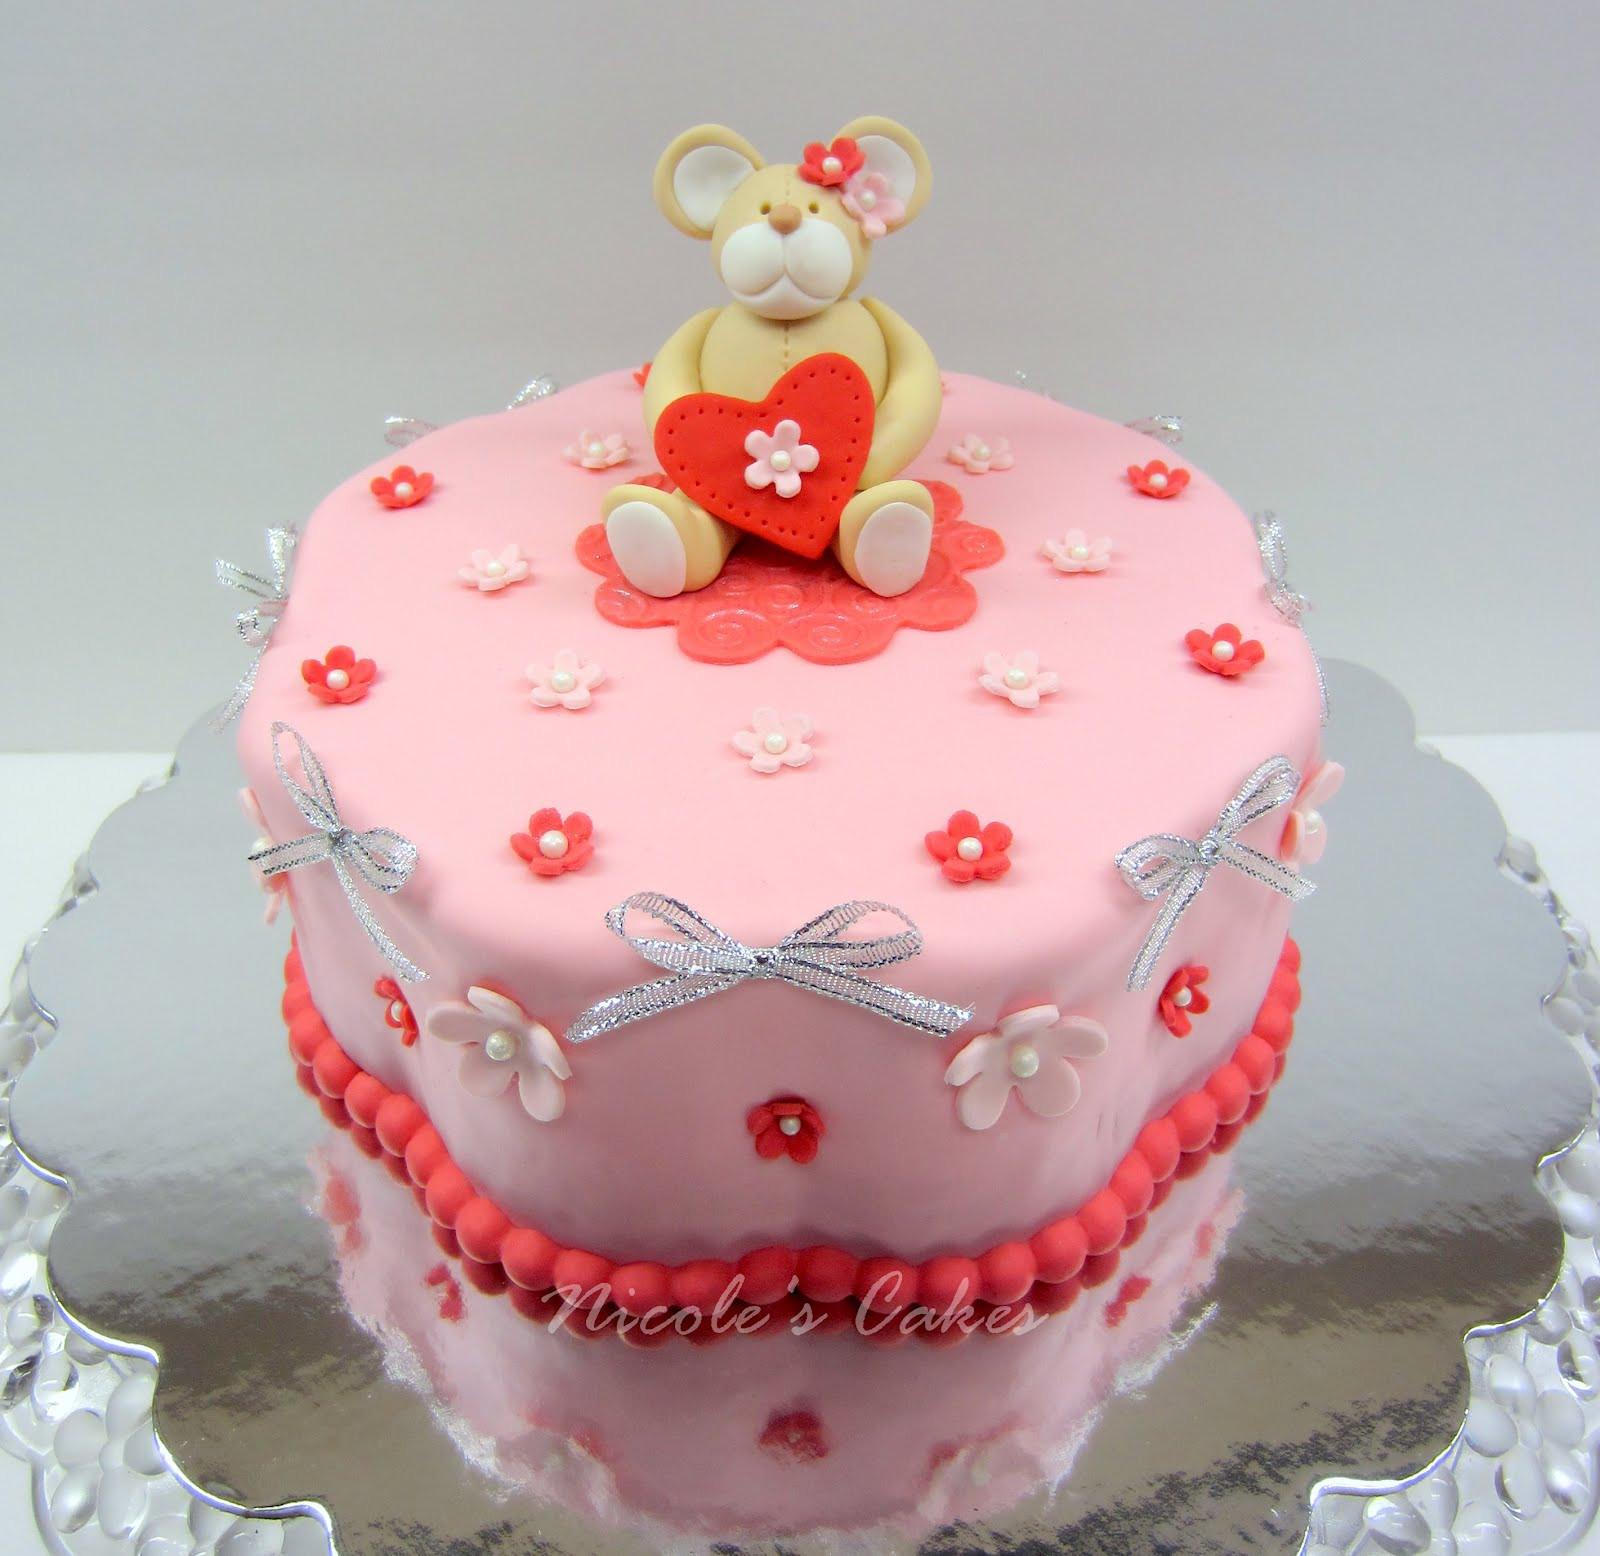 Valentine Birthday Cake  Confections Cakes & Creations A Valentine s Birthday Cake